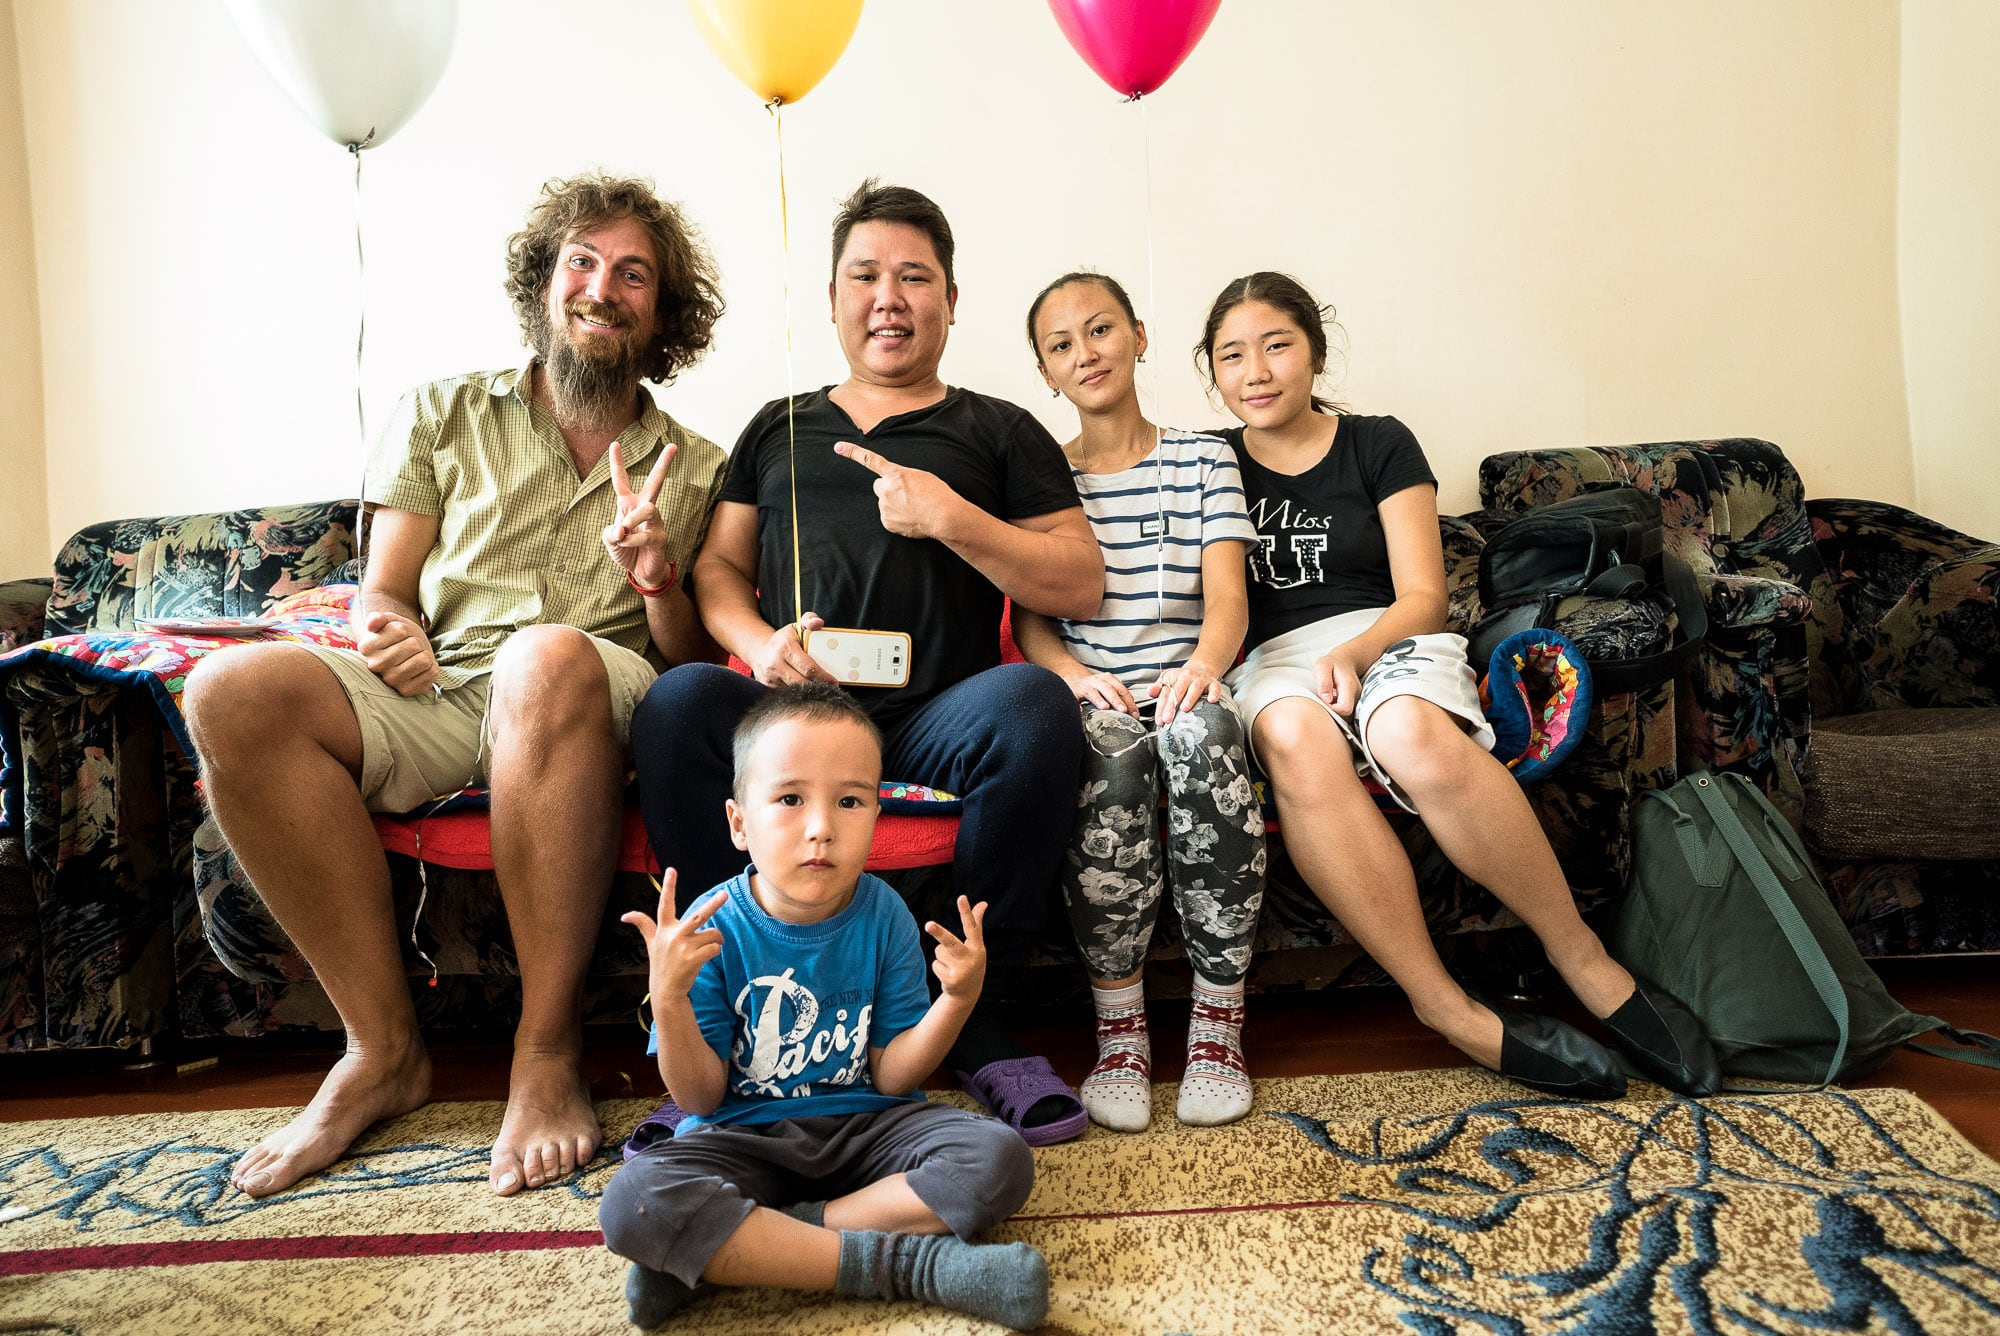 Urmat's family